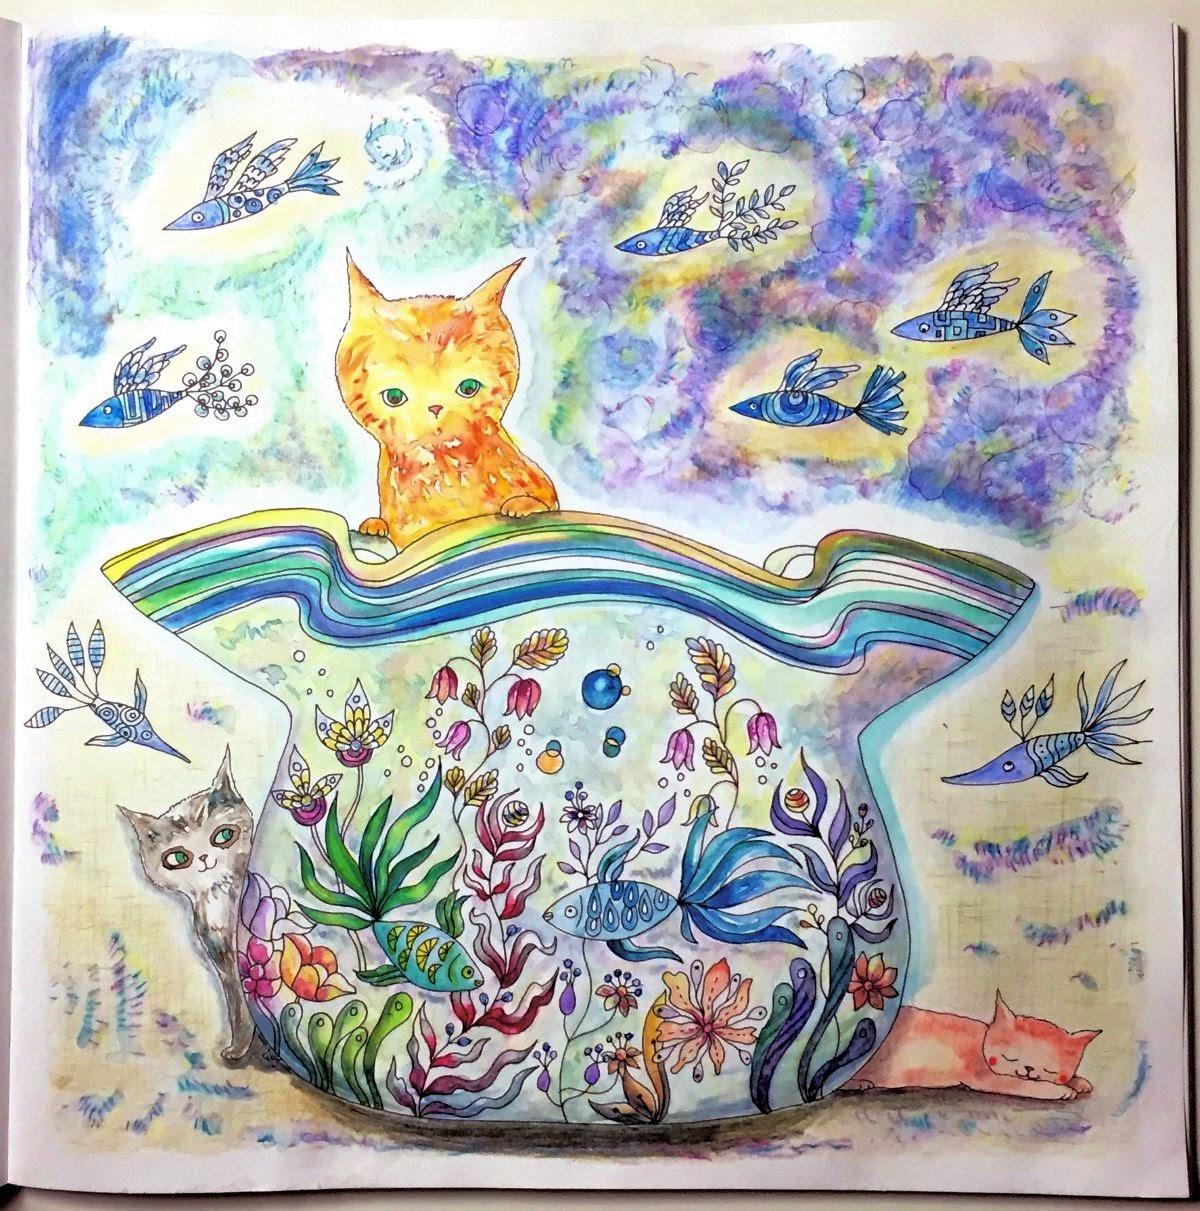 ミャオトピアの仲間たち 花と猫とどうぶつの物語 水槽のページ